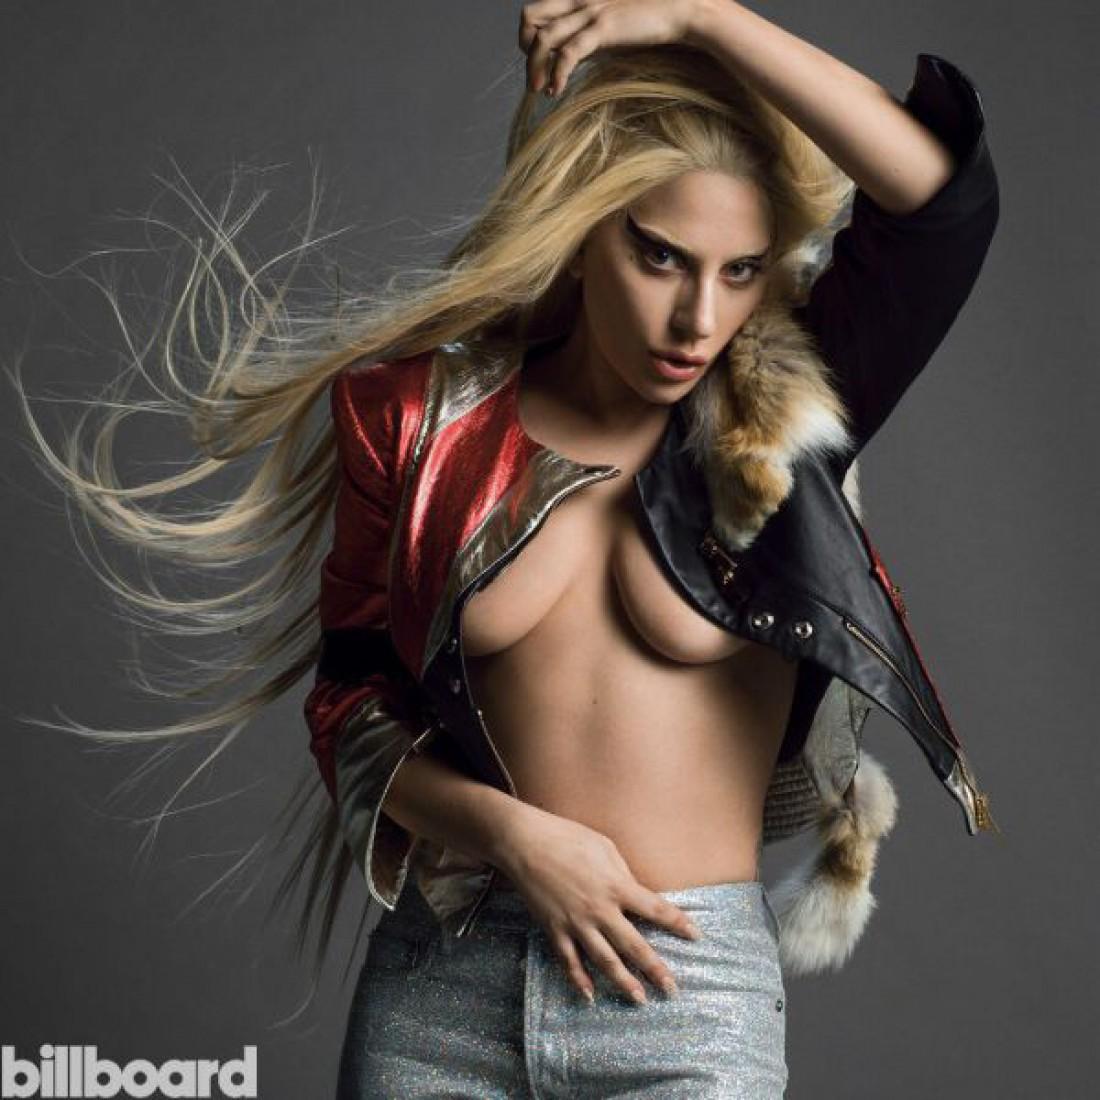 Новая откровенная фотосессия от Lady Gaga